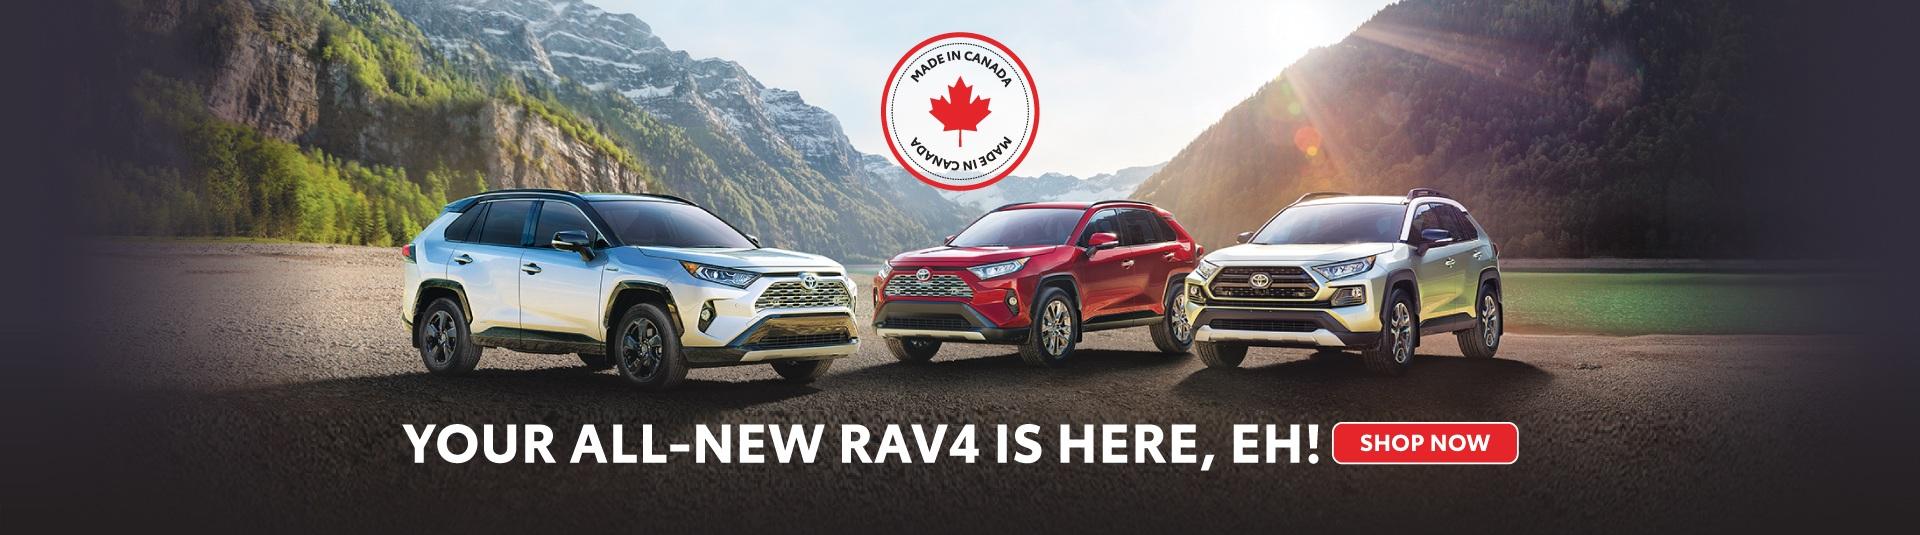 All-New-RAV4